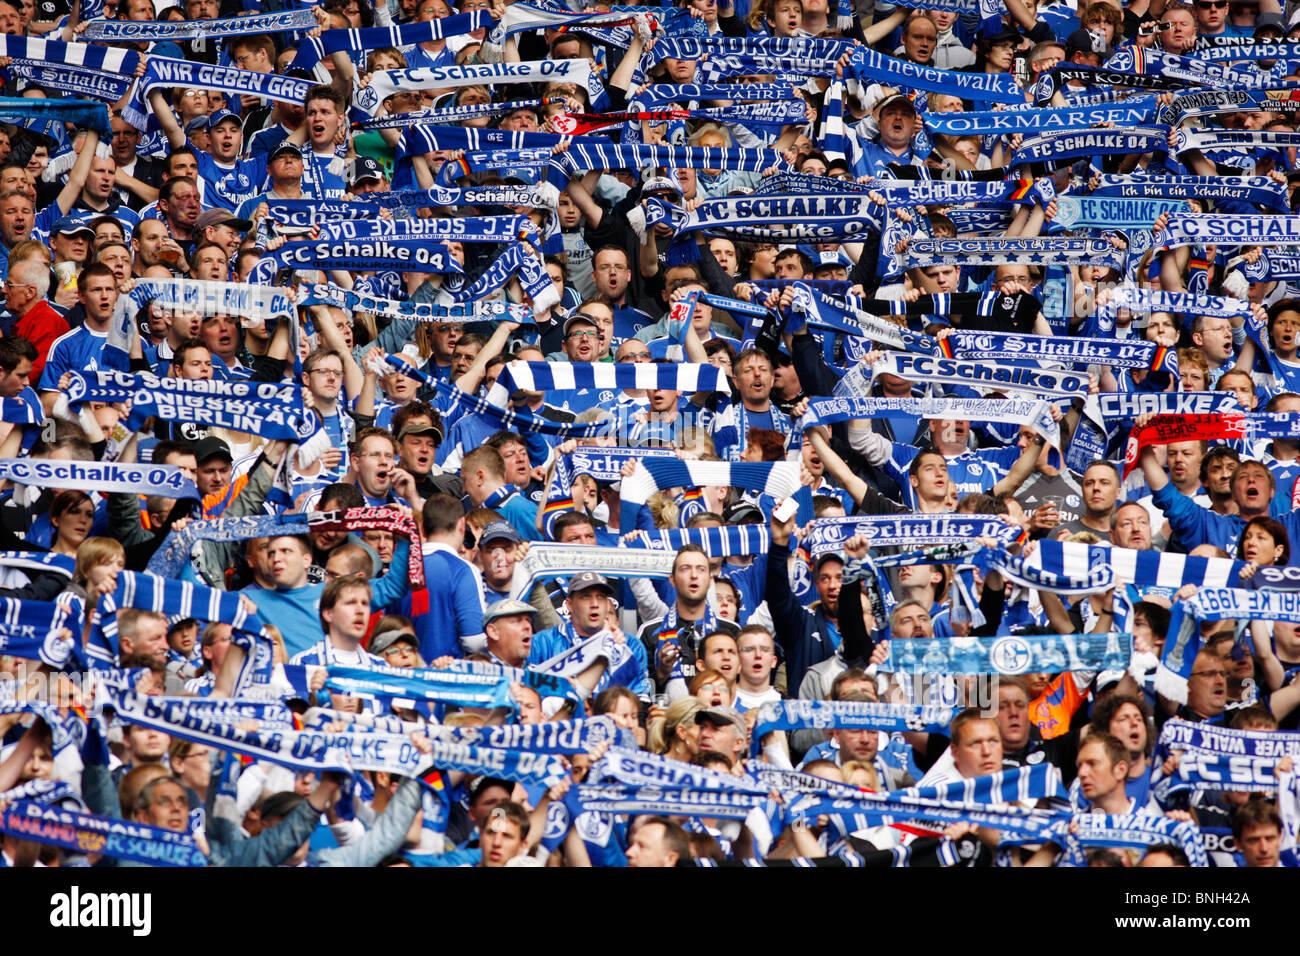 El fútbol, el fútbol americano, partidario de grandes ligas de fútbol club alemán Schalke 04, en el estadio Veltins Arena. Foto de stock